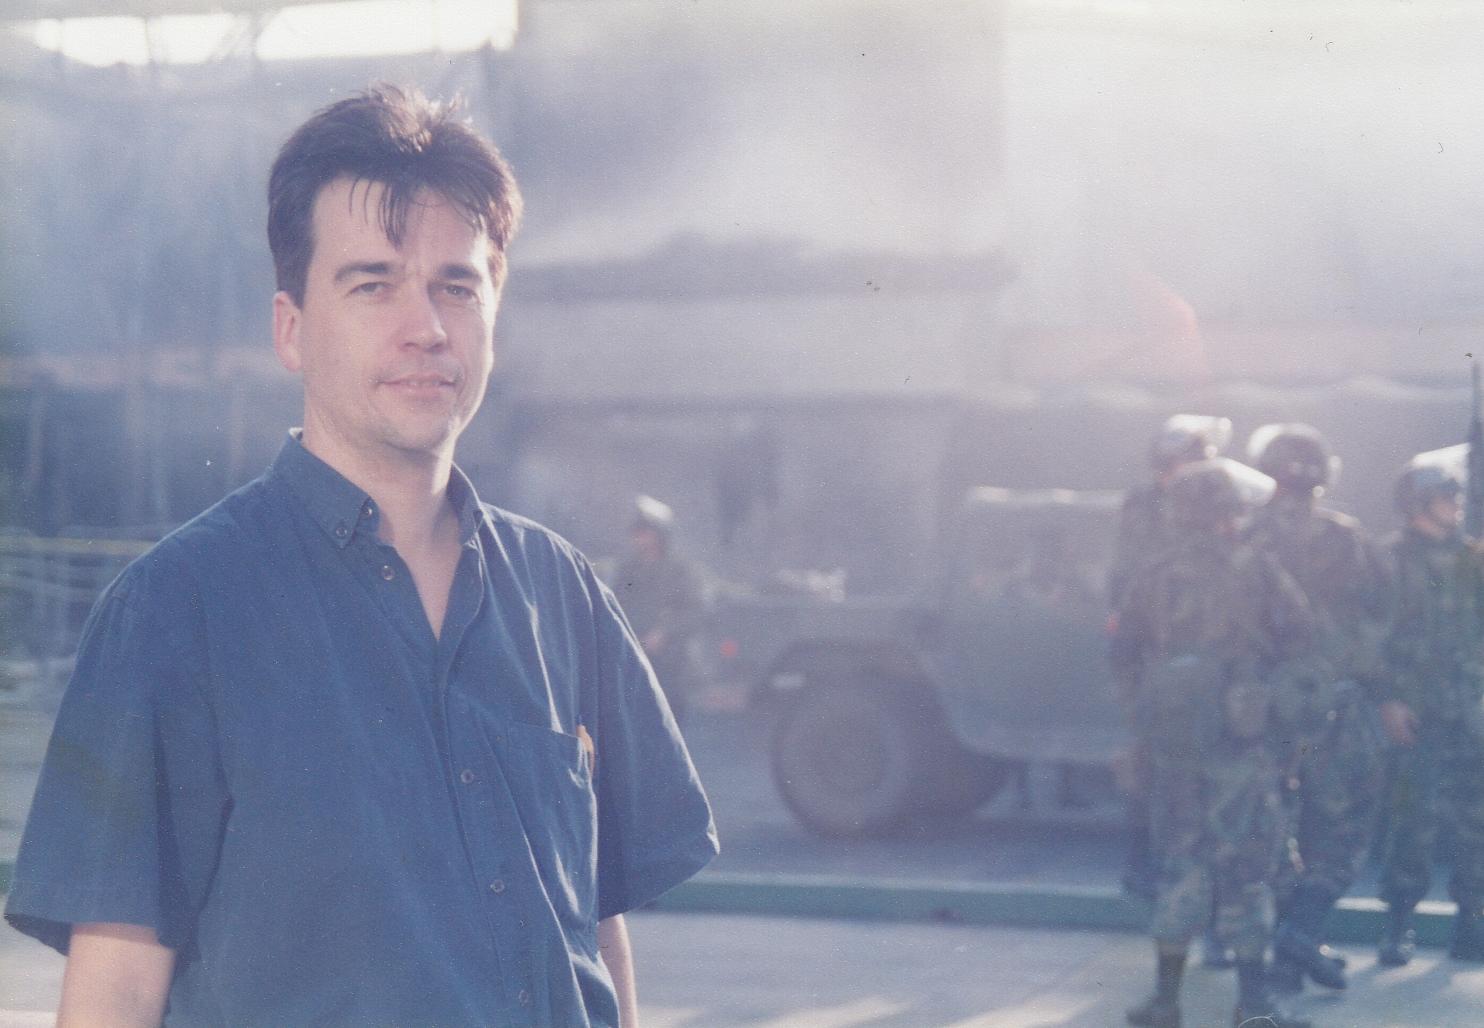 LA Riots in 1992